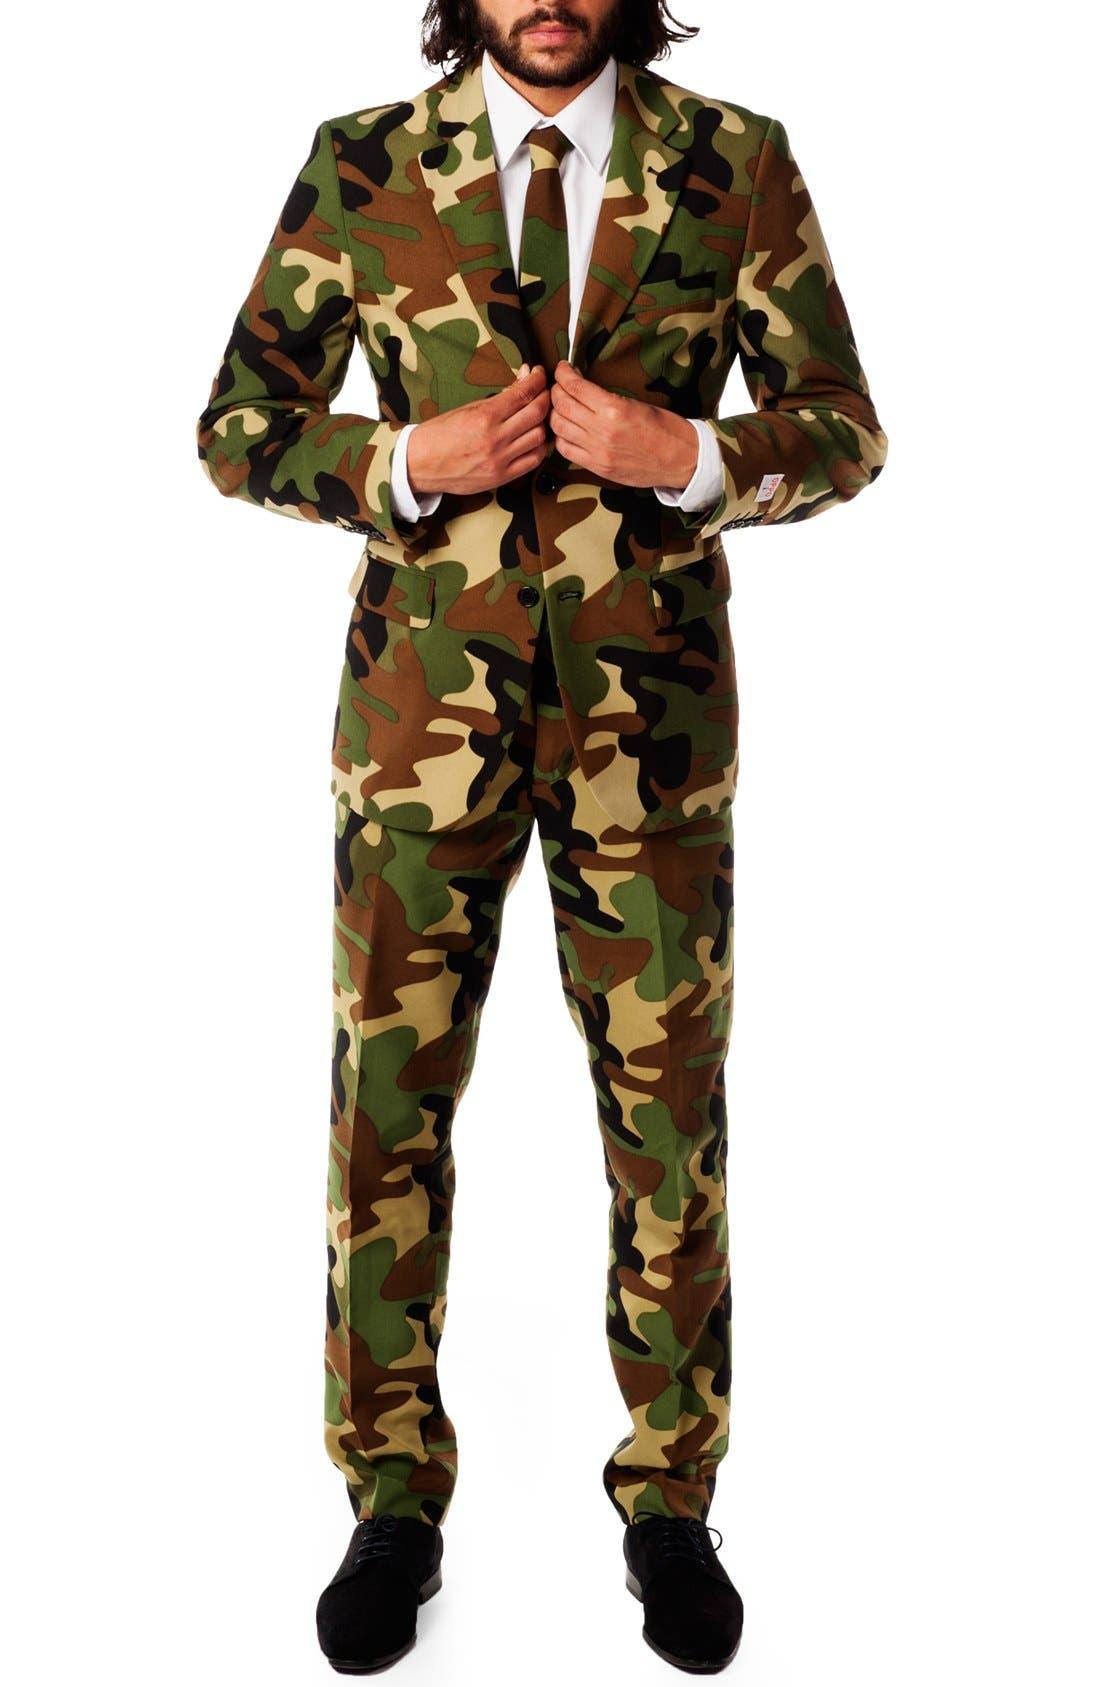 'Commando' Trim Fit Two-Piece Suit with Tie,                             Main thumbnail 1, color,                             Camo